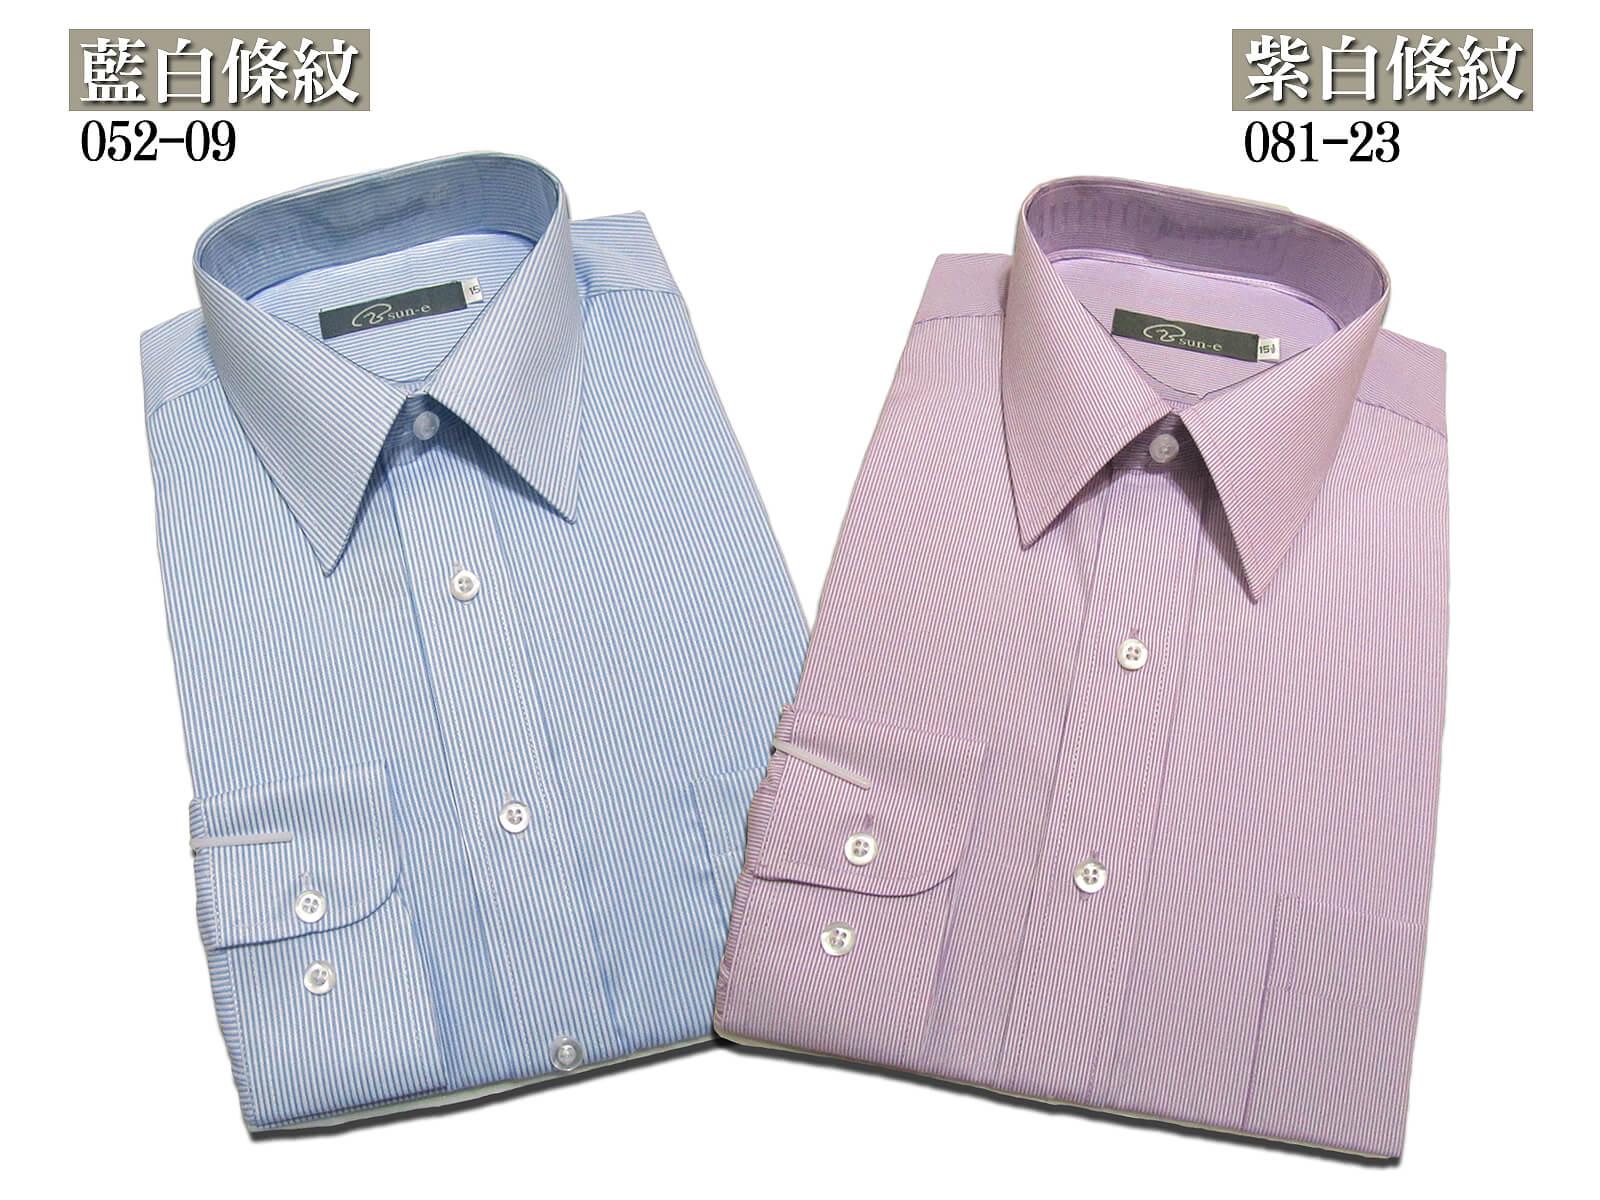 sun-e335特加大尺碼標準襯衫、上班族襯衫、商務襯衫、不皺免燙襯衫、正式場合襯衫、條紋襯衫、素面襯衫(短袖 / 長袖) 多顏色、樣式可供選擇 尺寸:19、20、21、22(英吋) 1